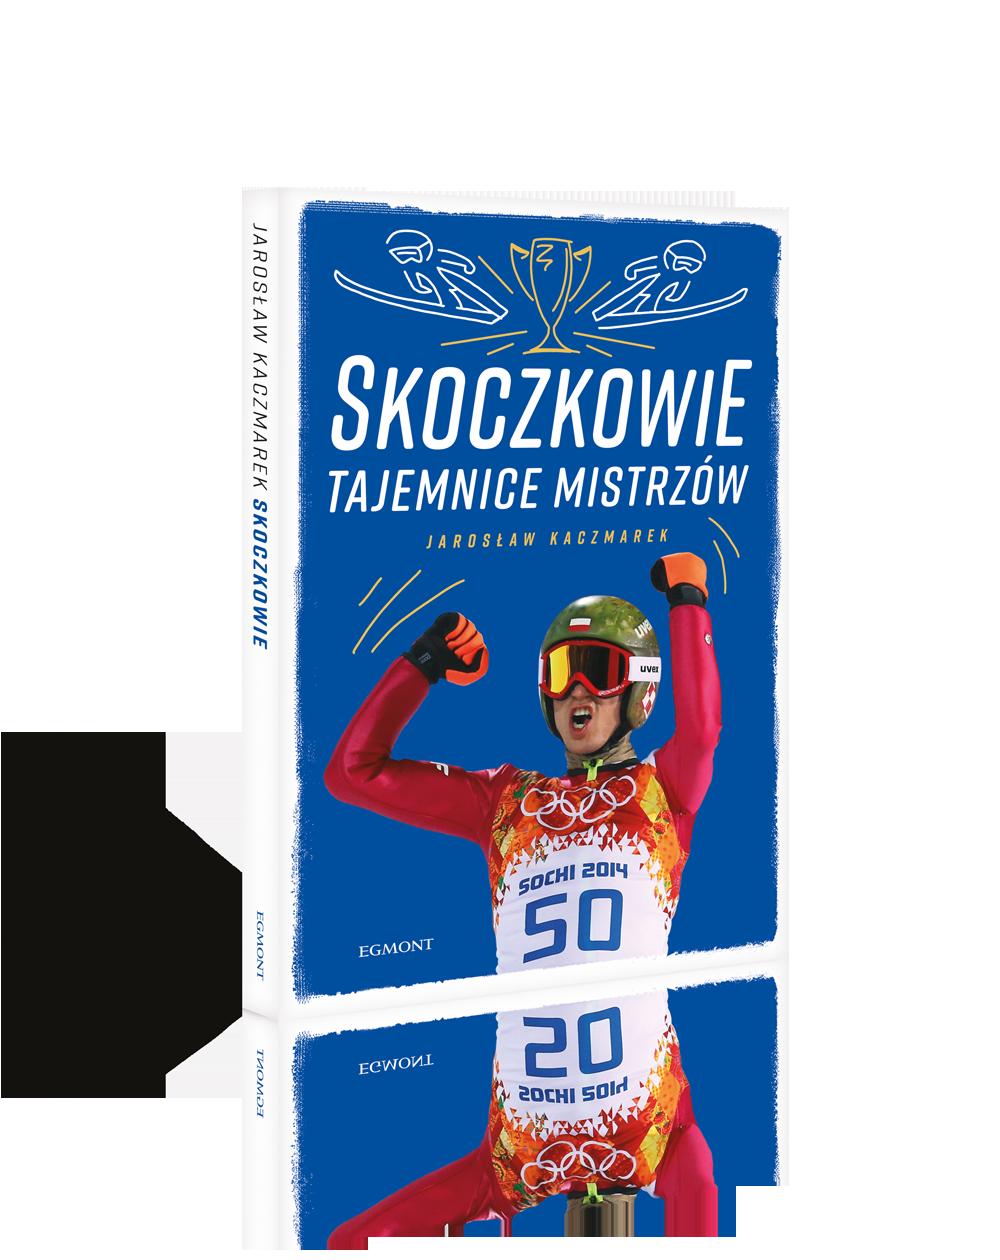 Zwycięzcy w konkursie Wydawnictwa Egmont – Skoczkowie. Tajemnice mistrzów